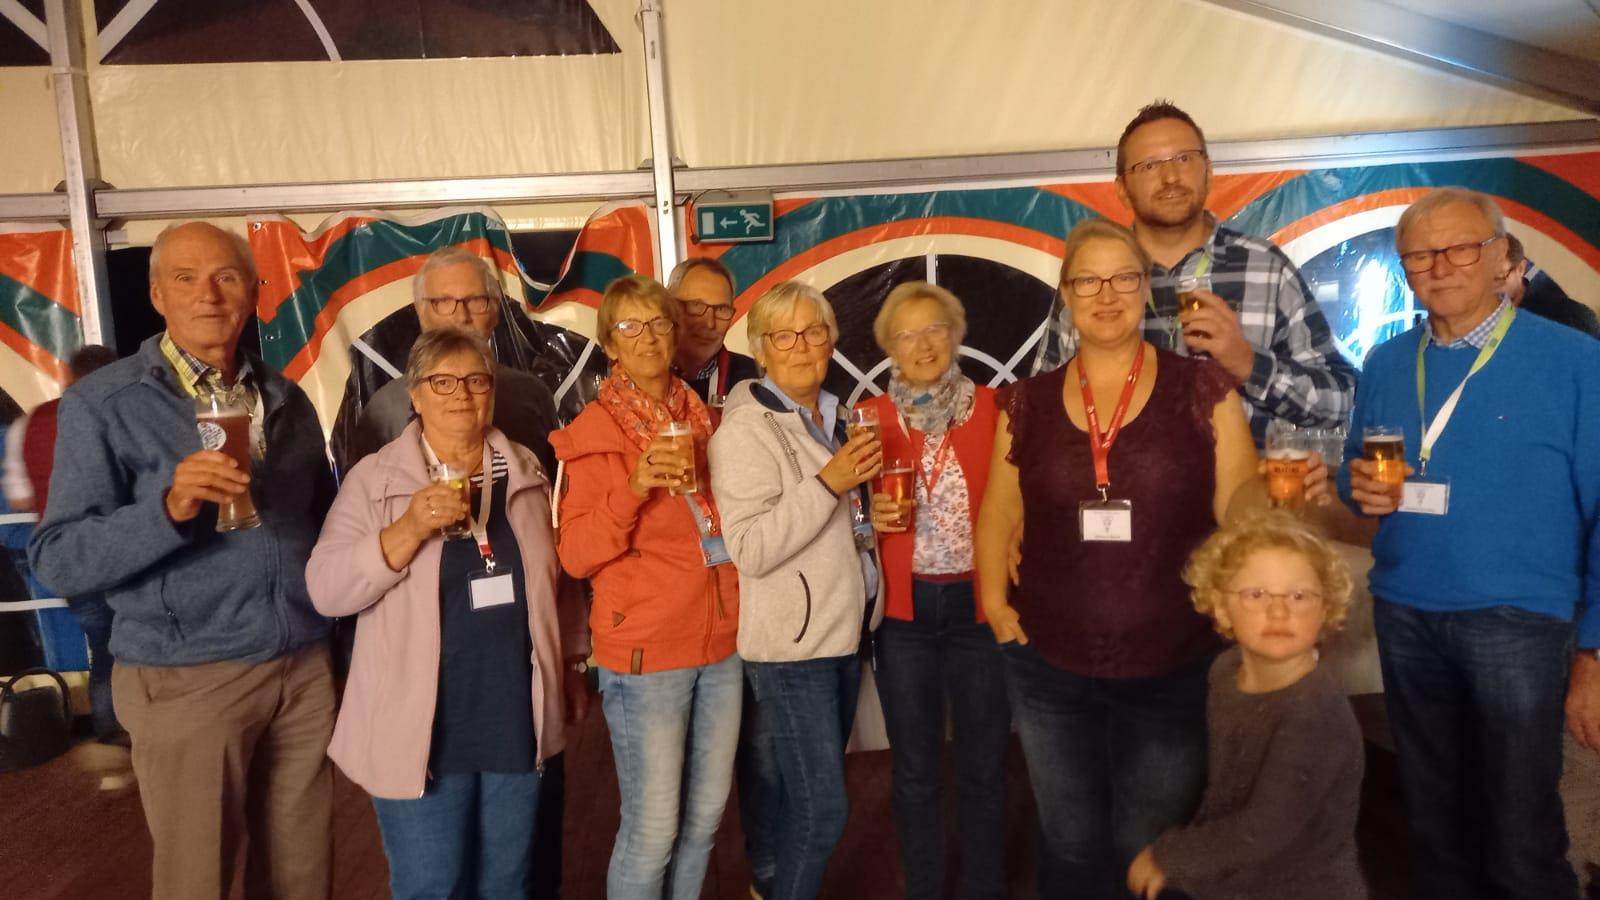 LV OWL beim 11. Saale-Oder-Elbe Treffen